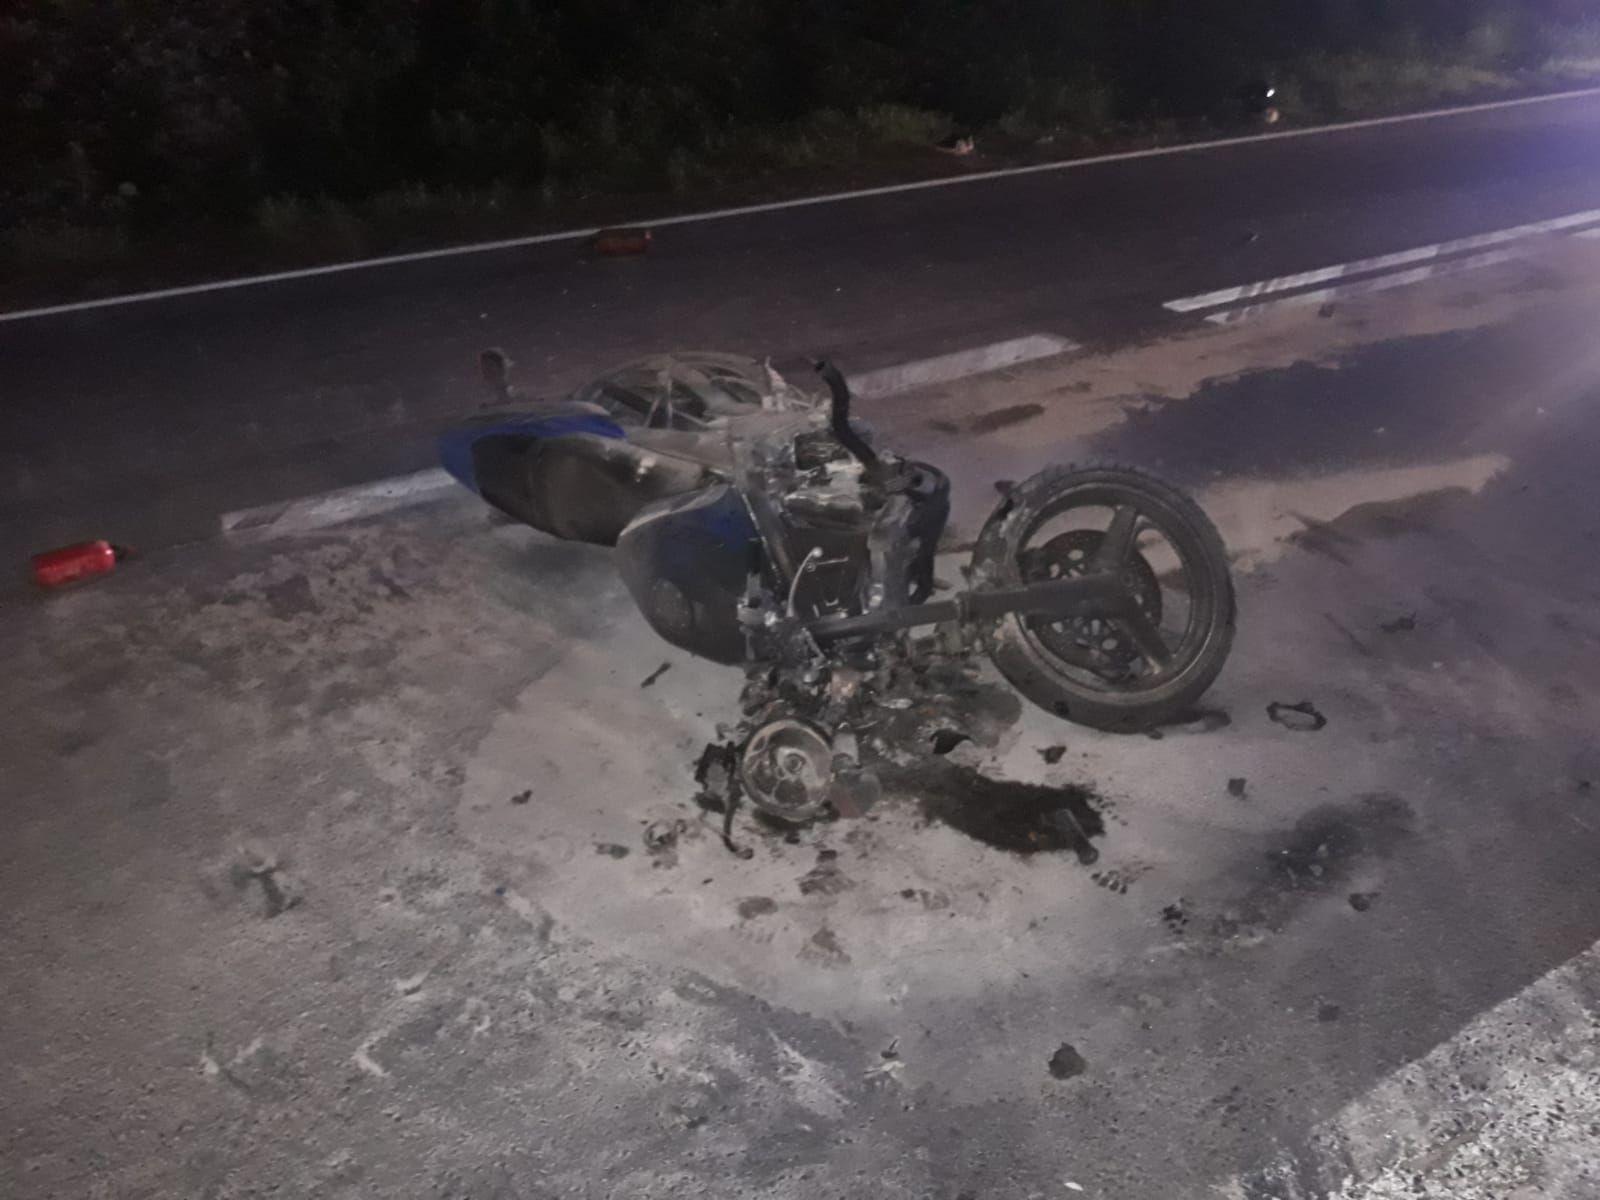 Zderzenie motocykla z ciężarówką. Motor stanął w ogniu, kierowca ciężko ranny